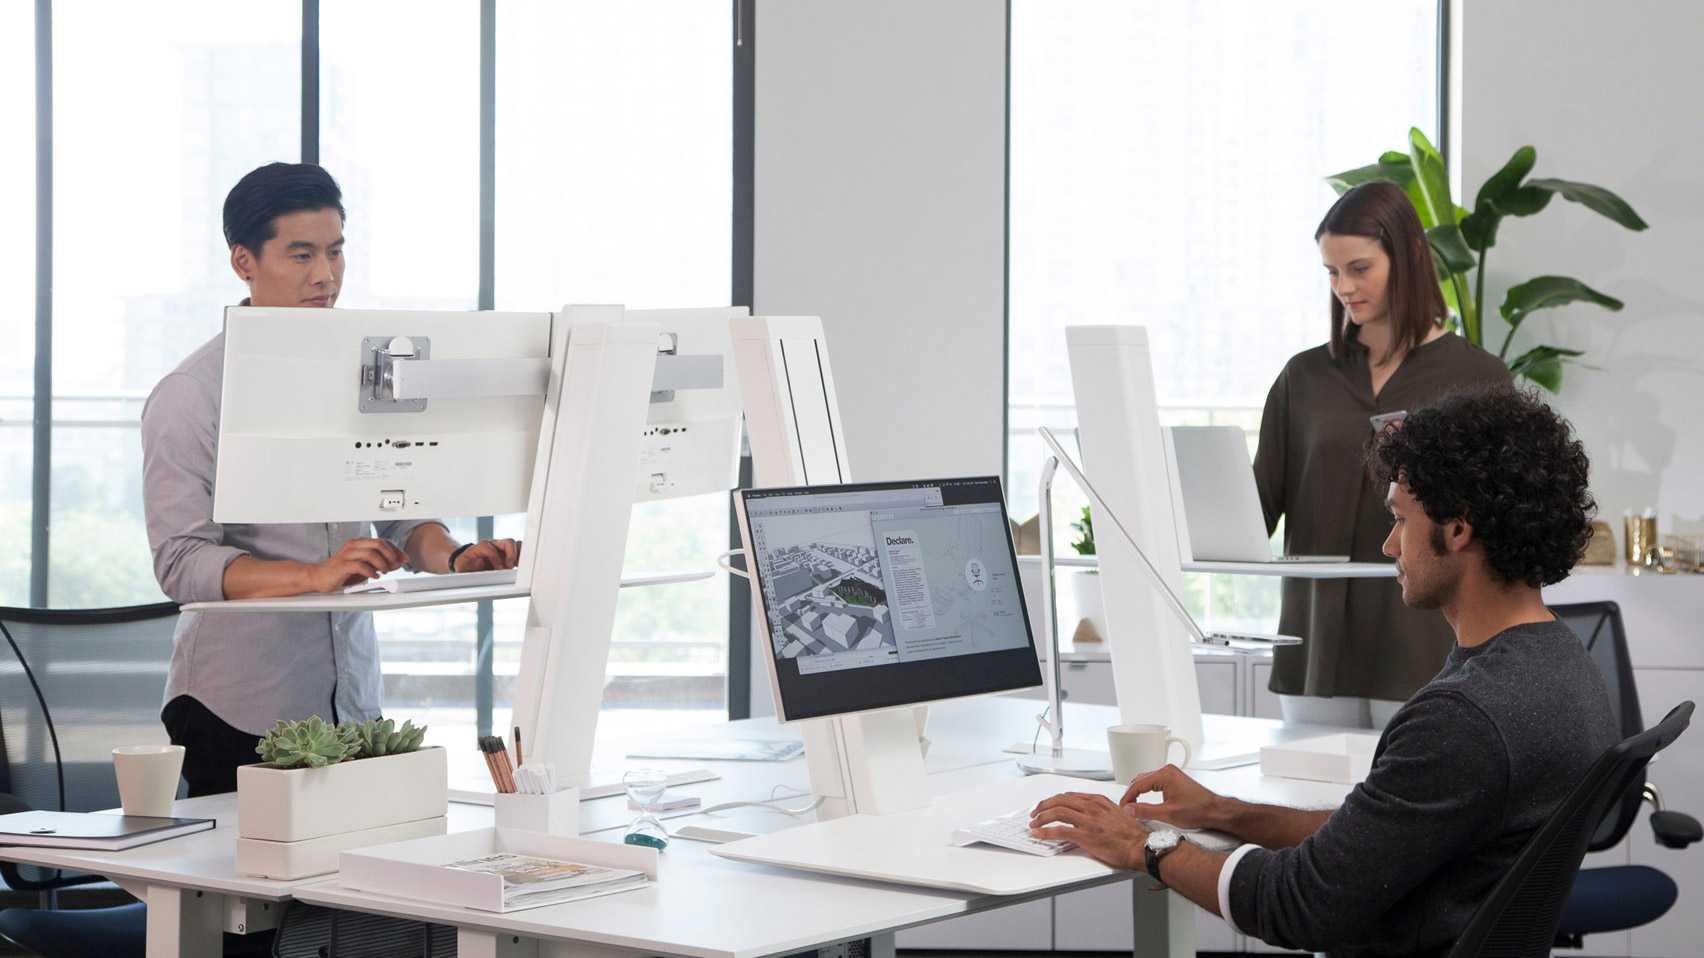 Humanscale'den ayarlanabilir bilgisayar standı